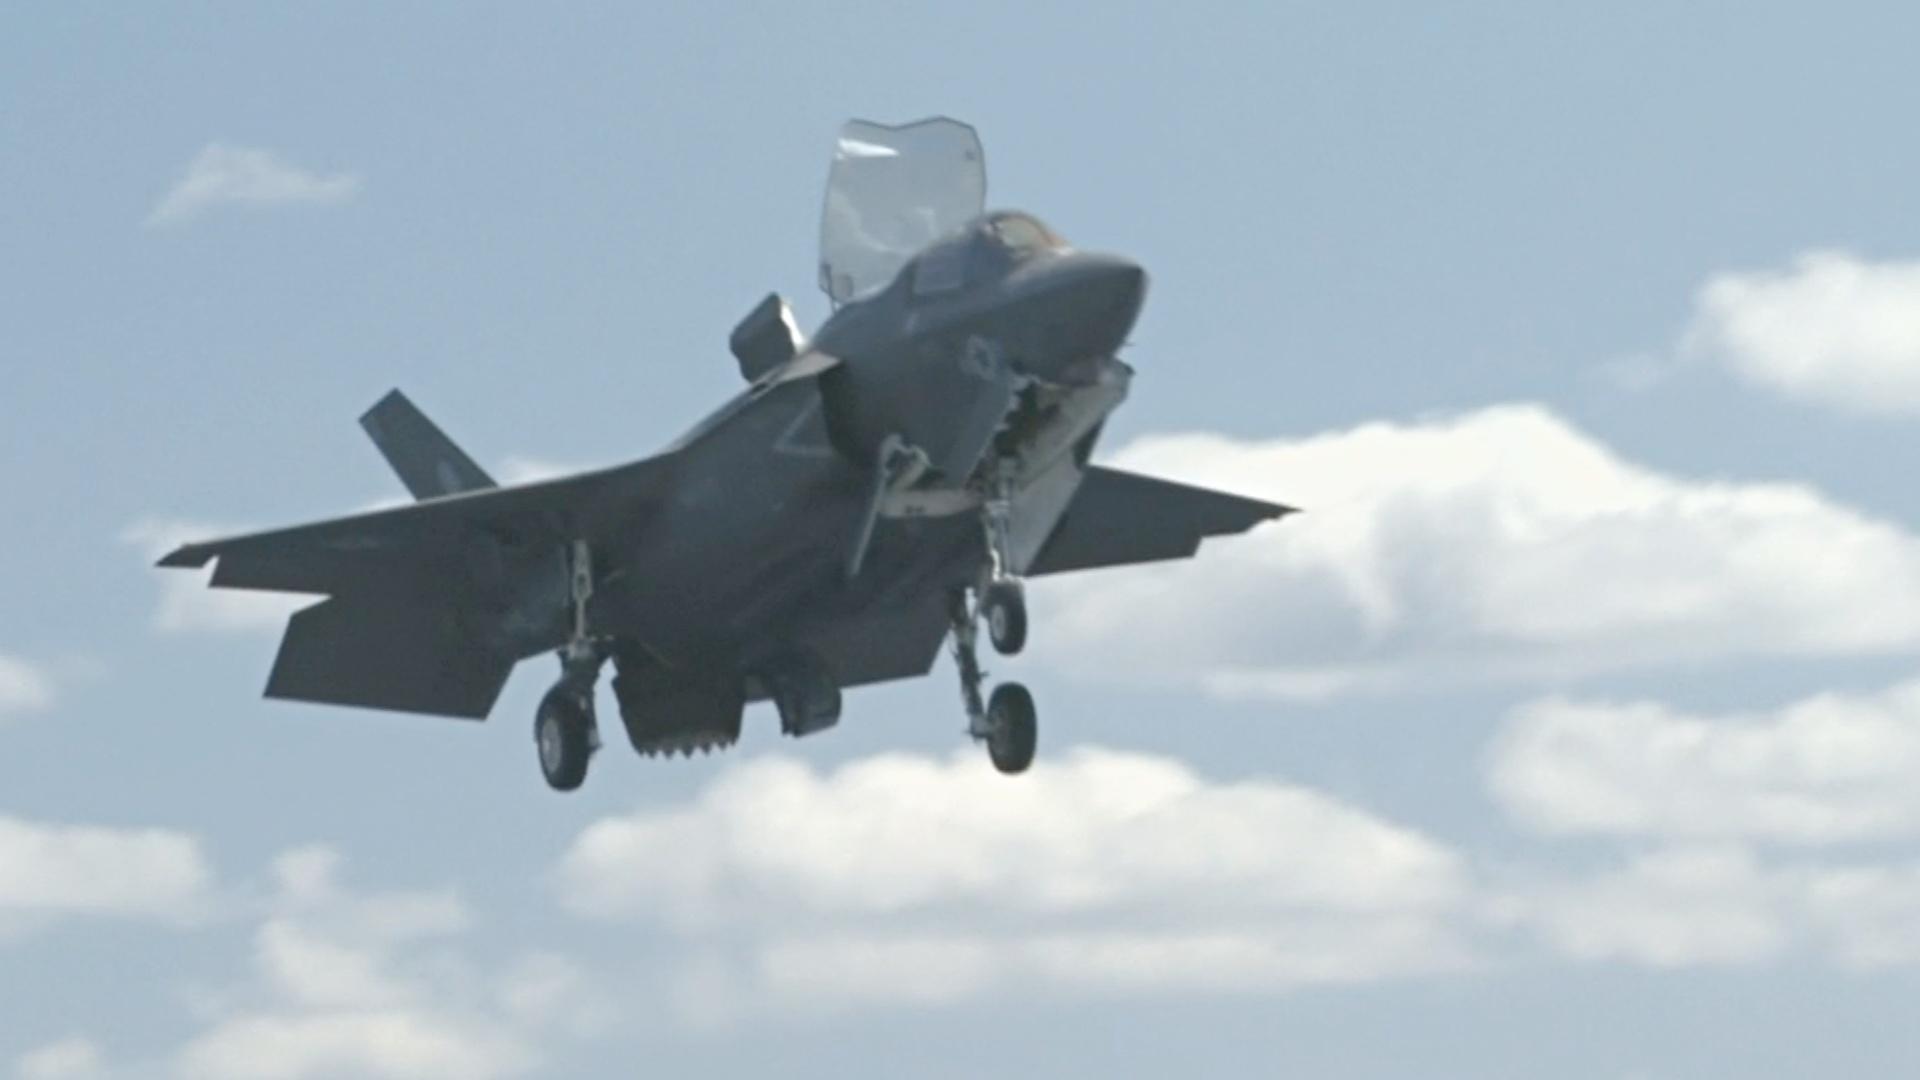 Япония планирует закупать больше американских истребителей